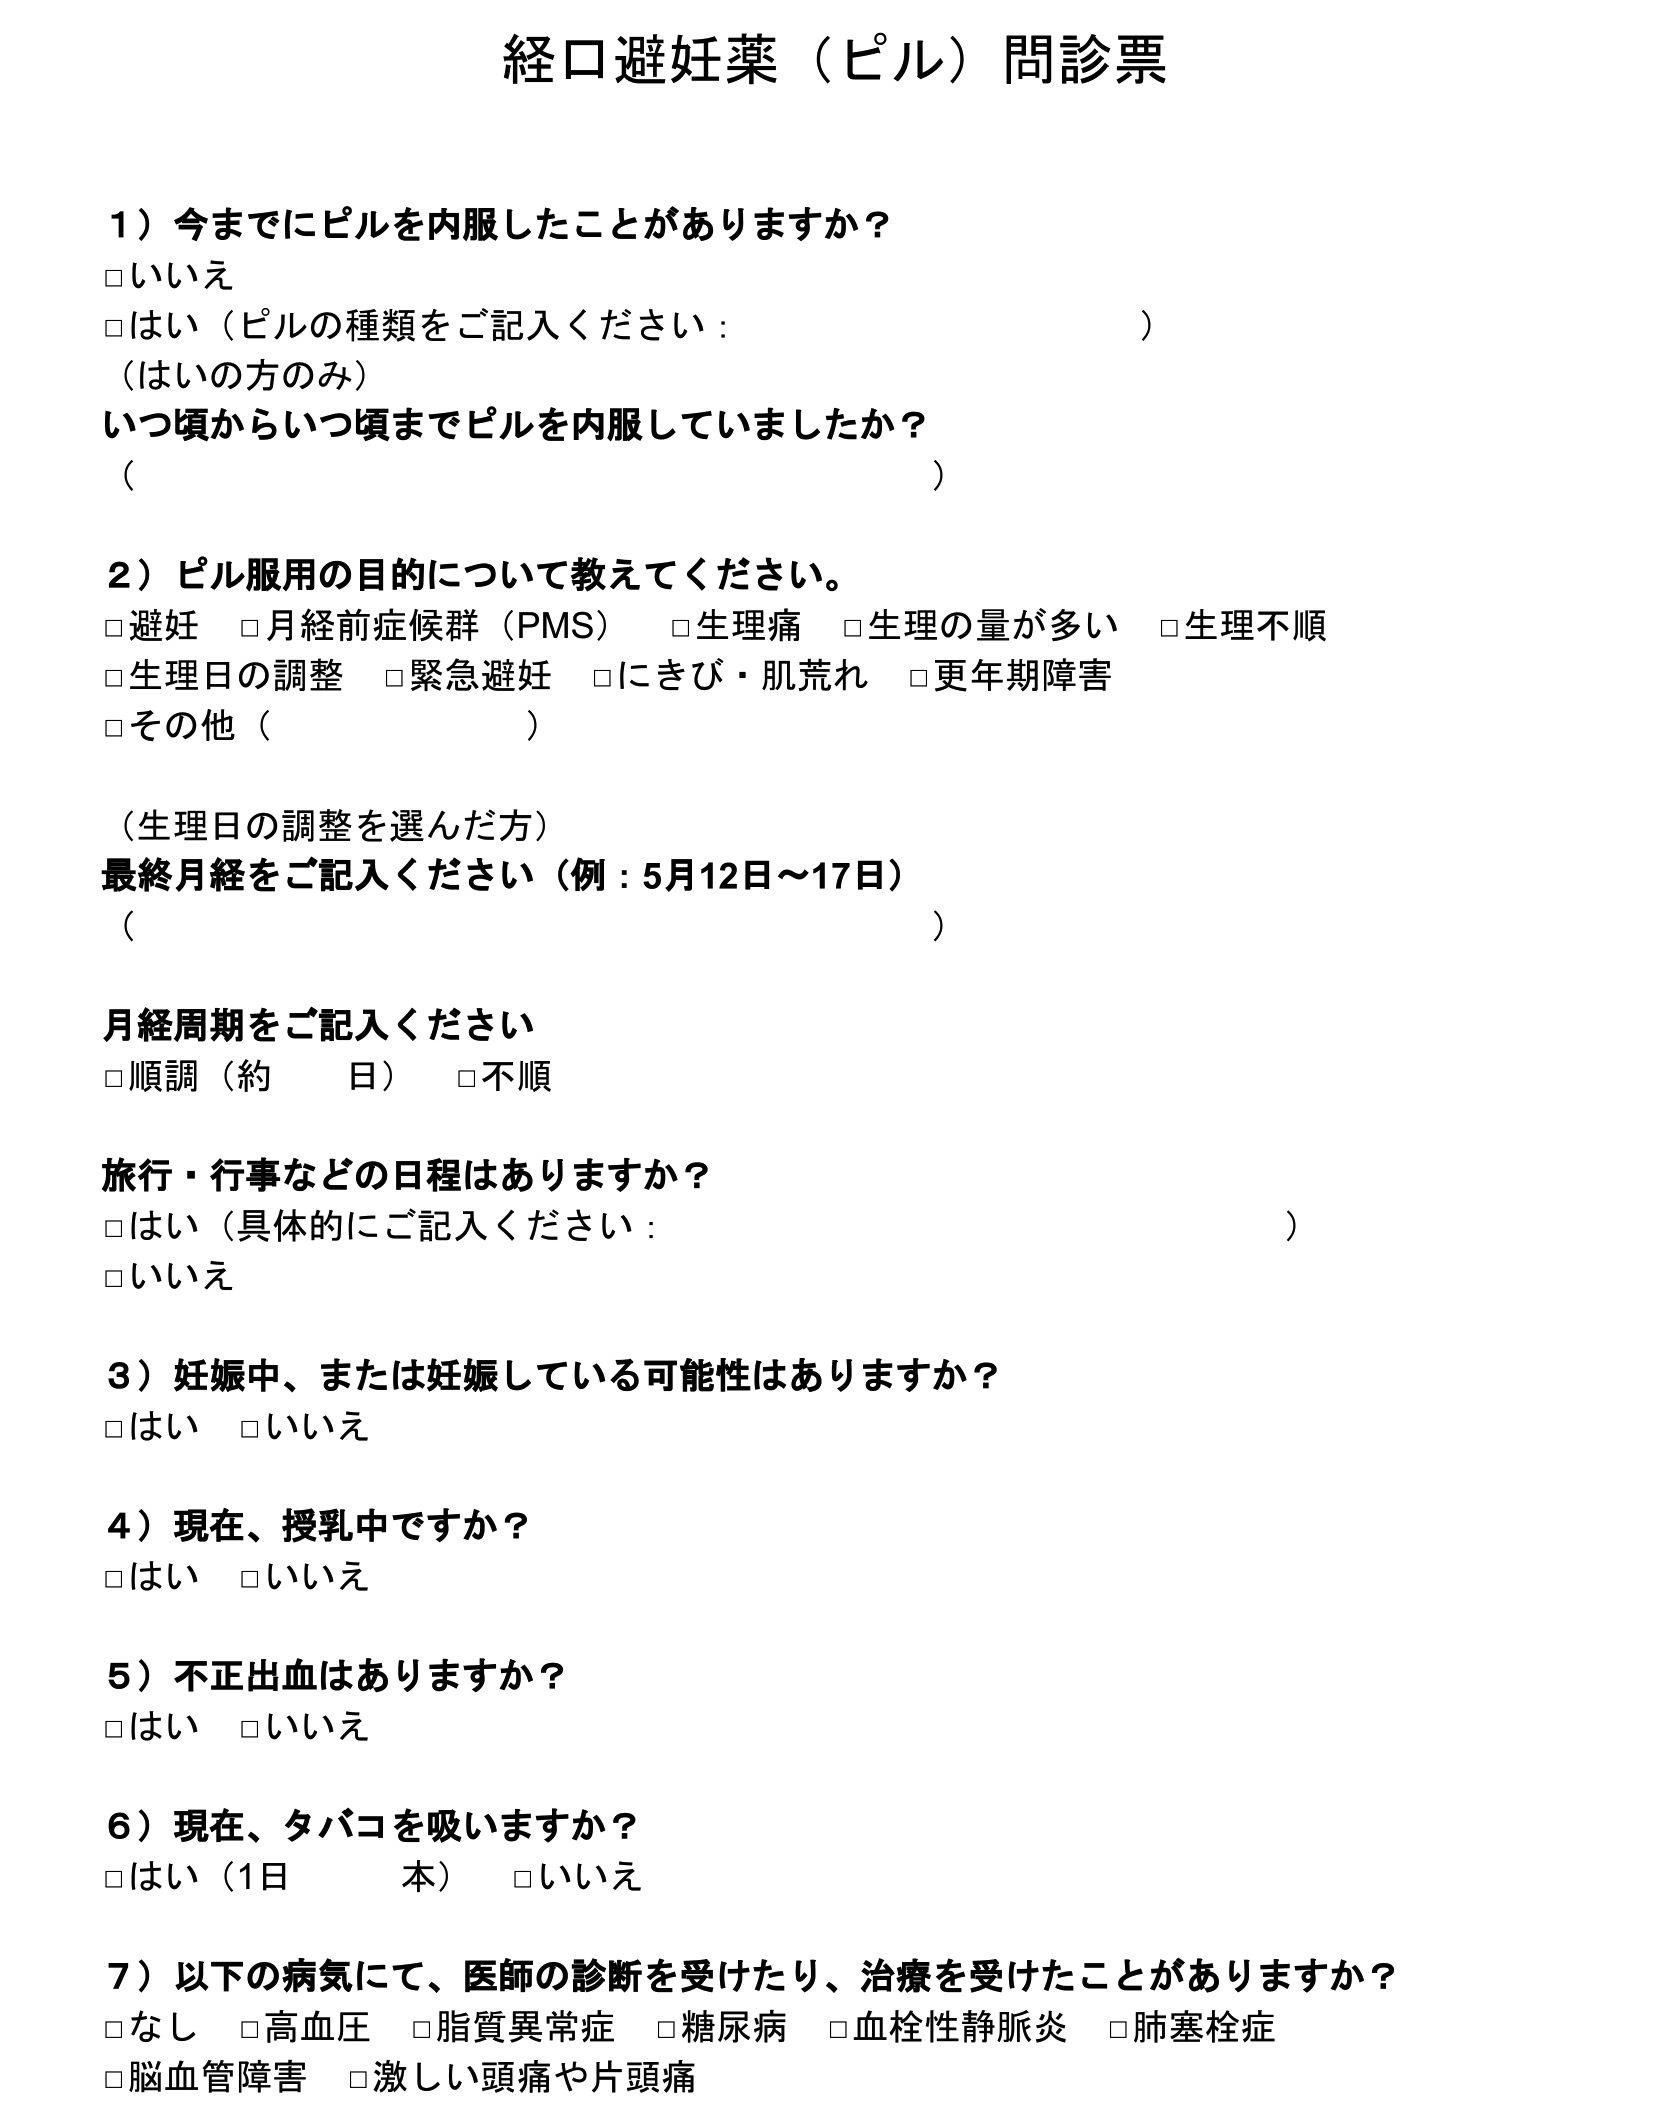 経口避妊薬(ピル)問診票テンプレート-1